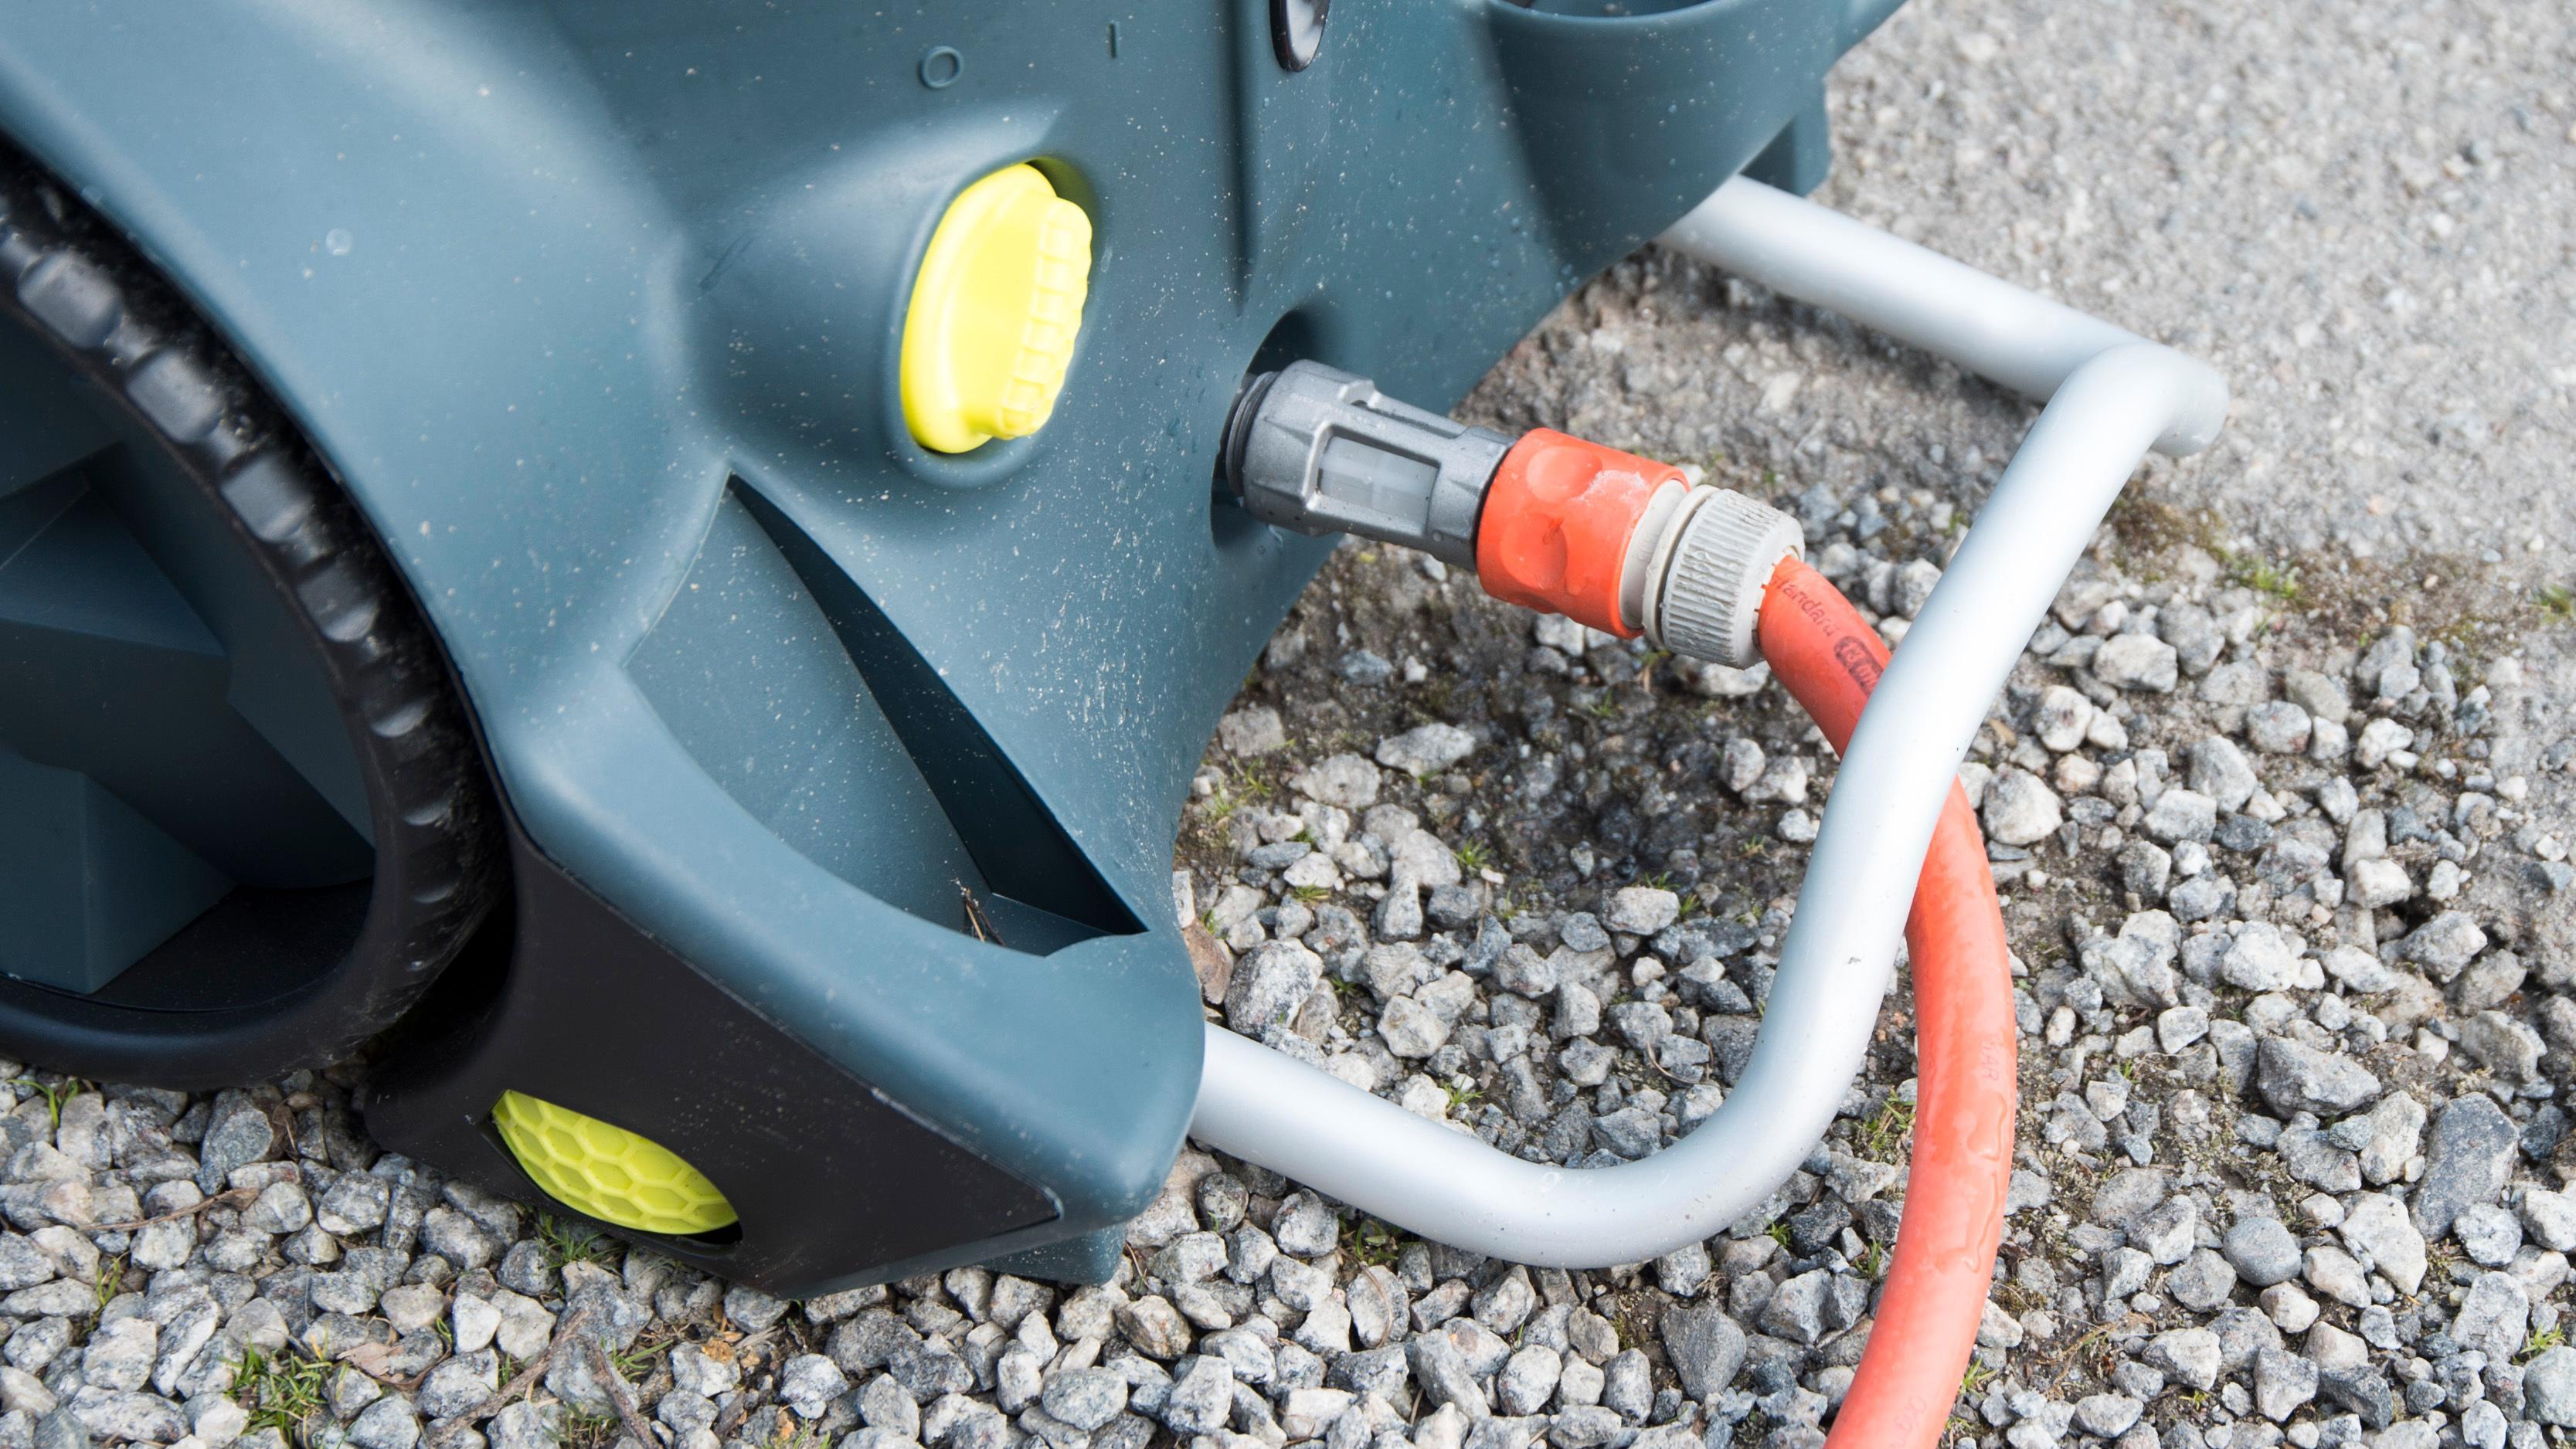 Med denne bøylen er det vanskelig å velte maskinen.Også vannfilteret er laget for å tåle en støyt.